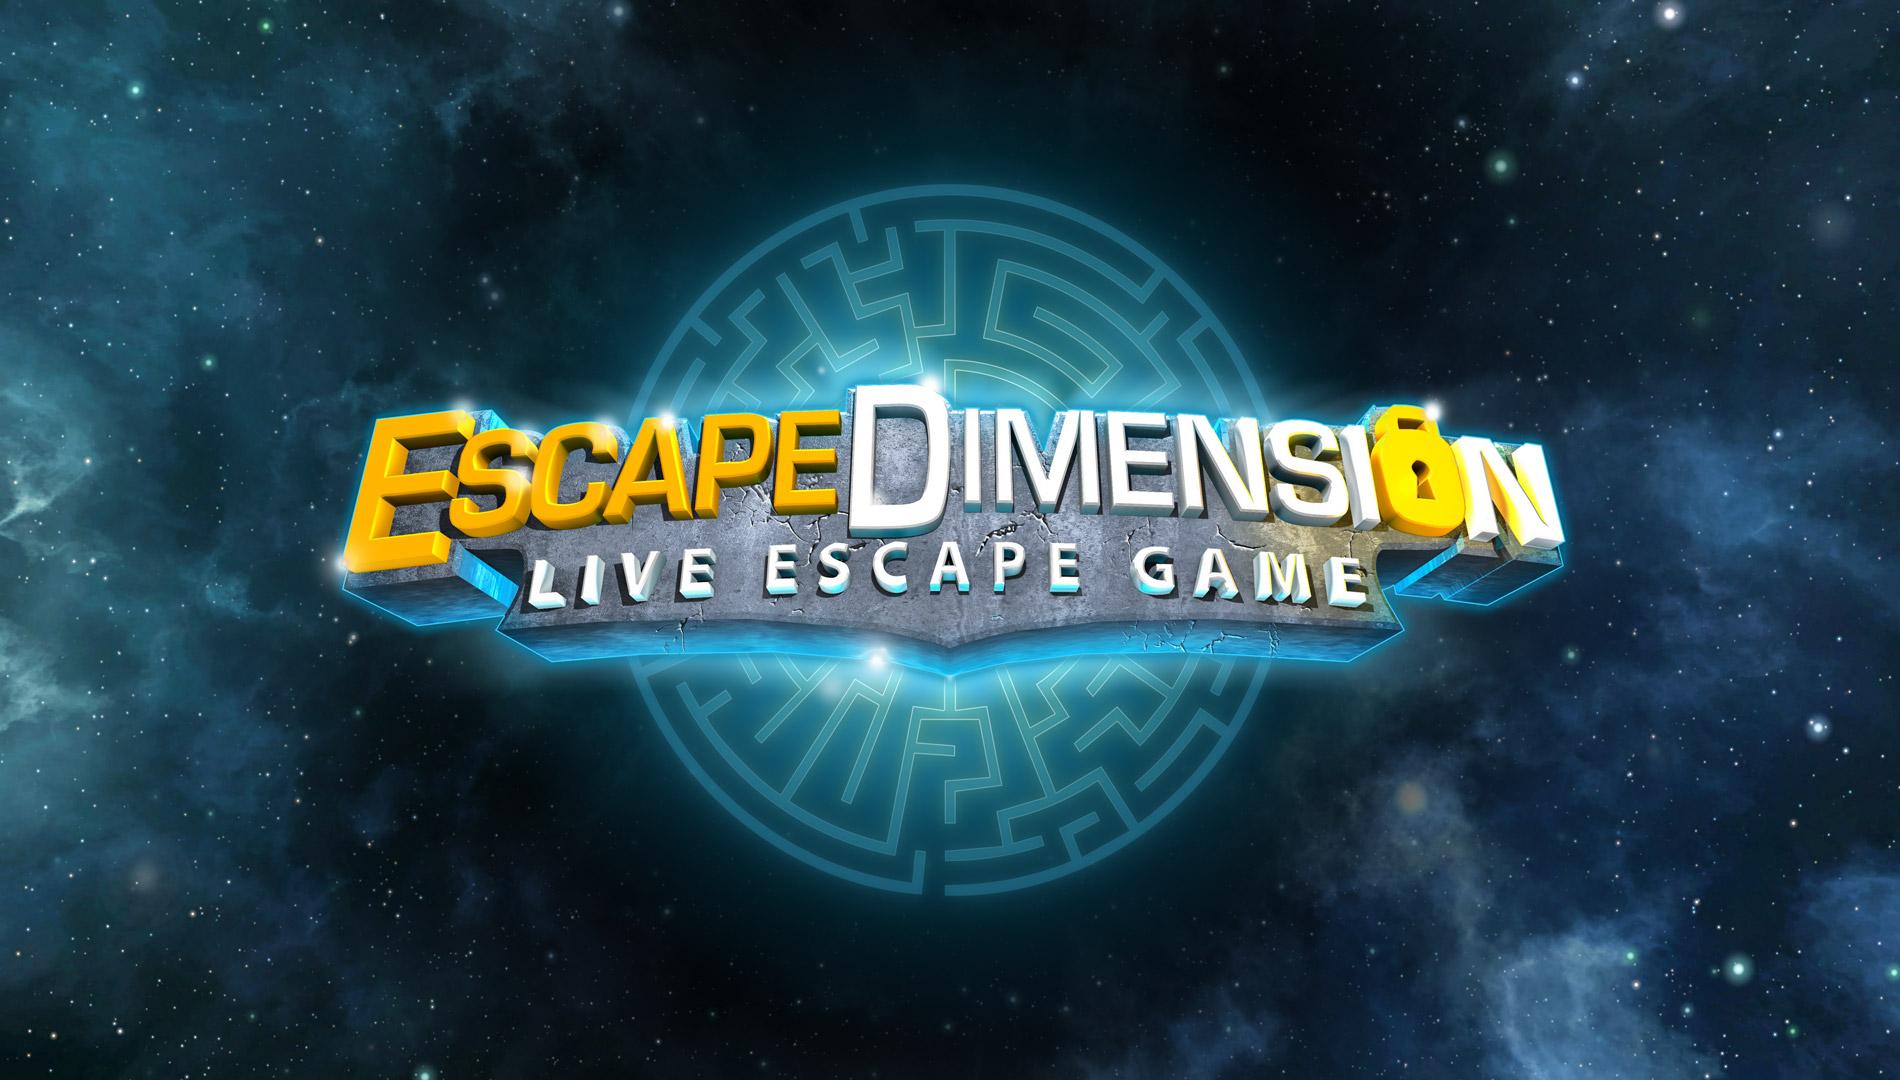 Escape Dimension